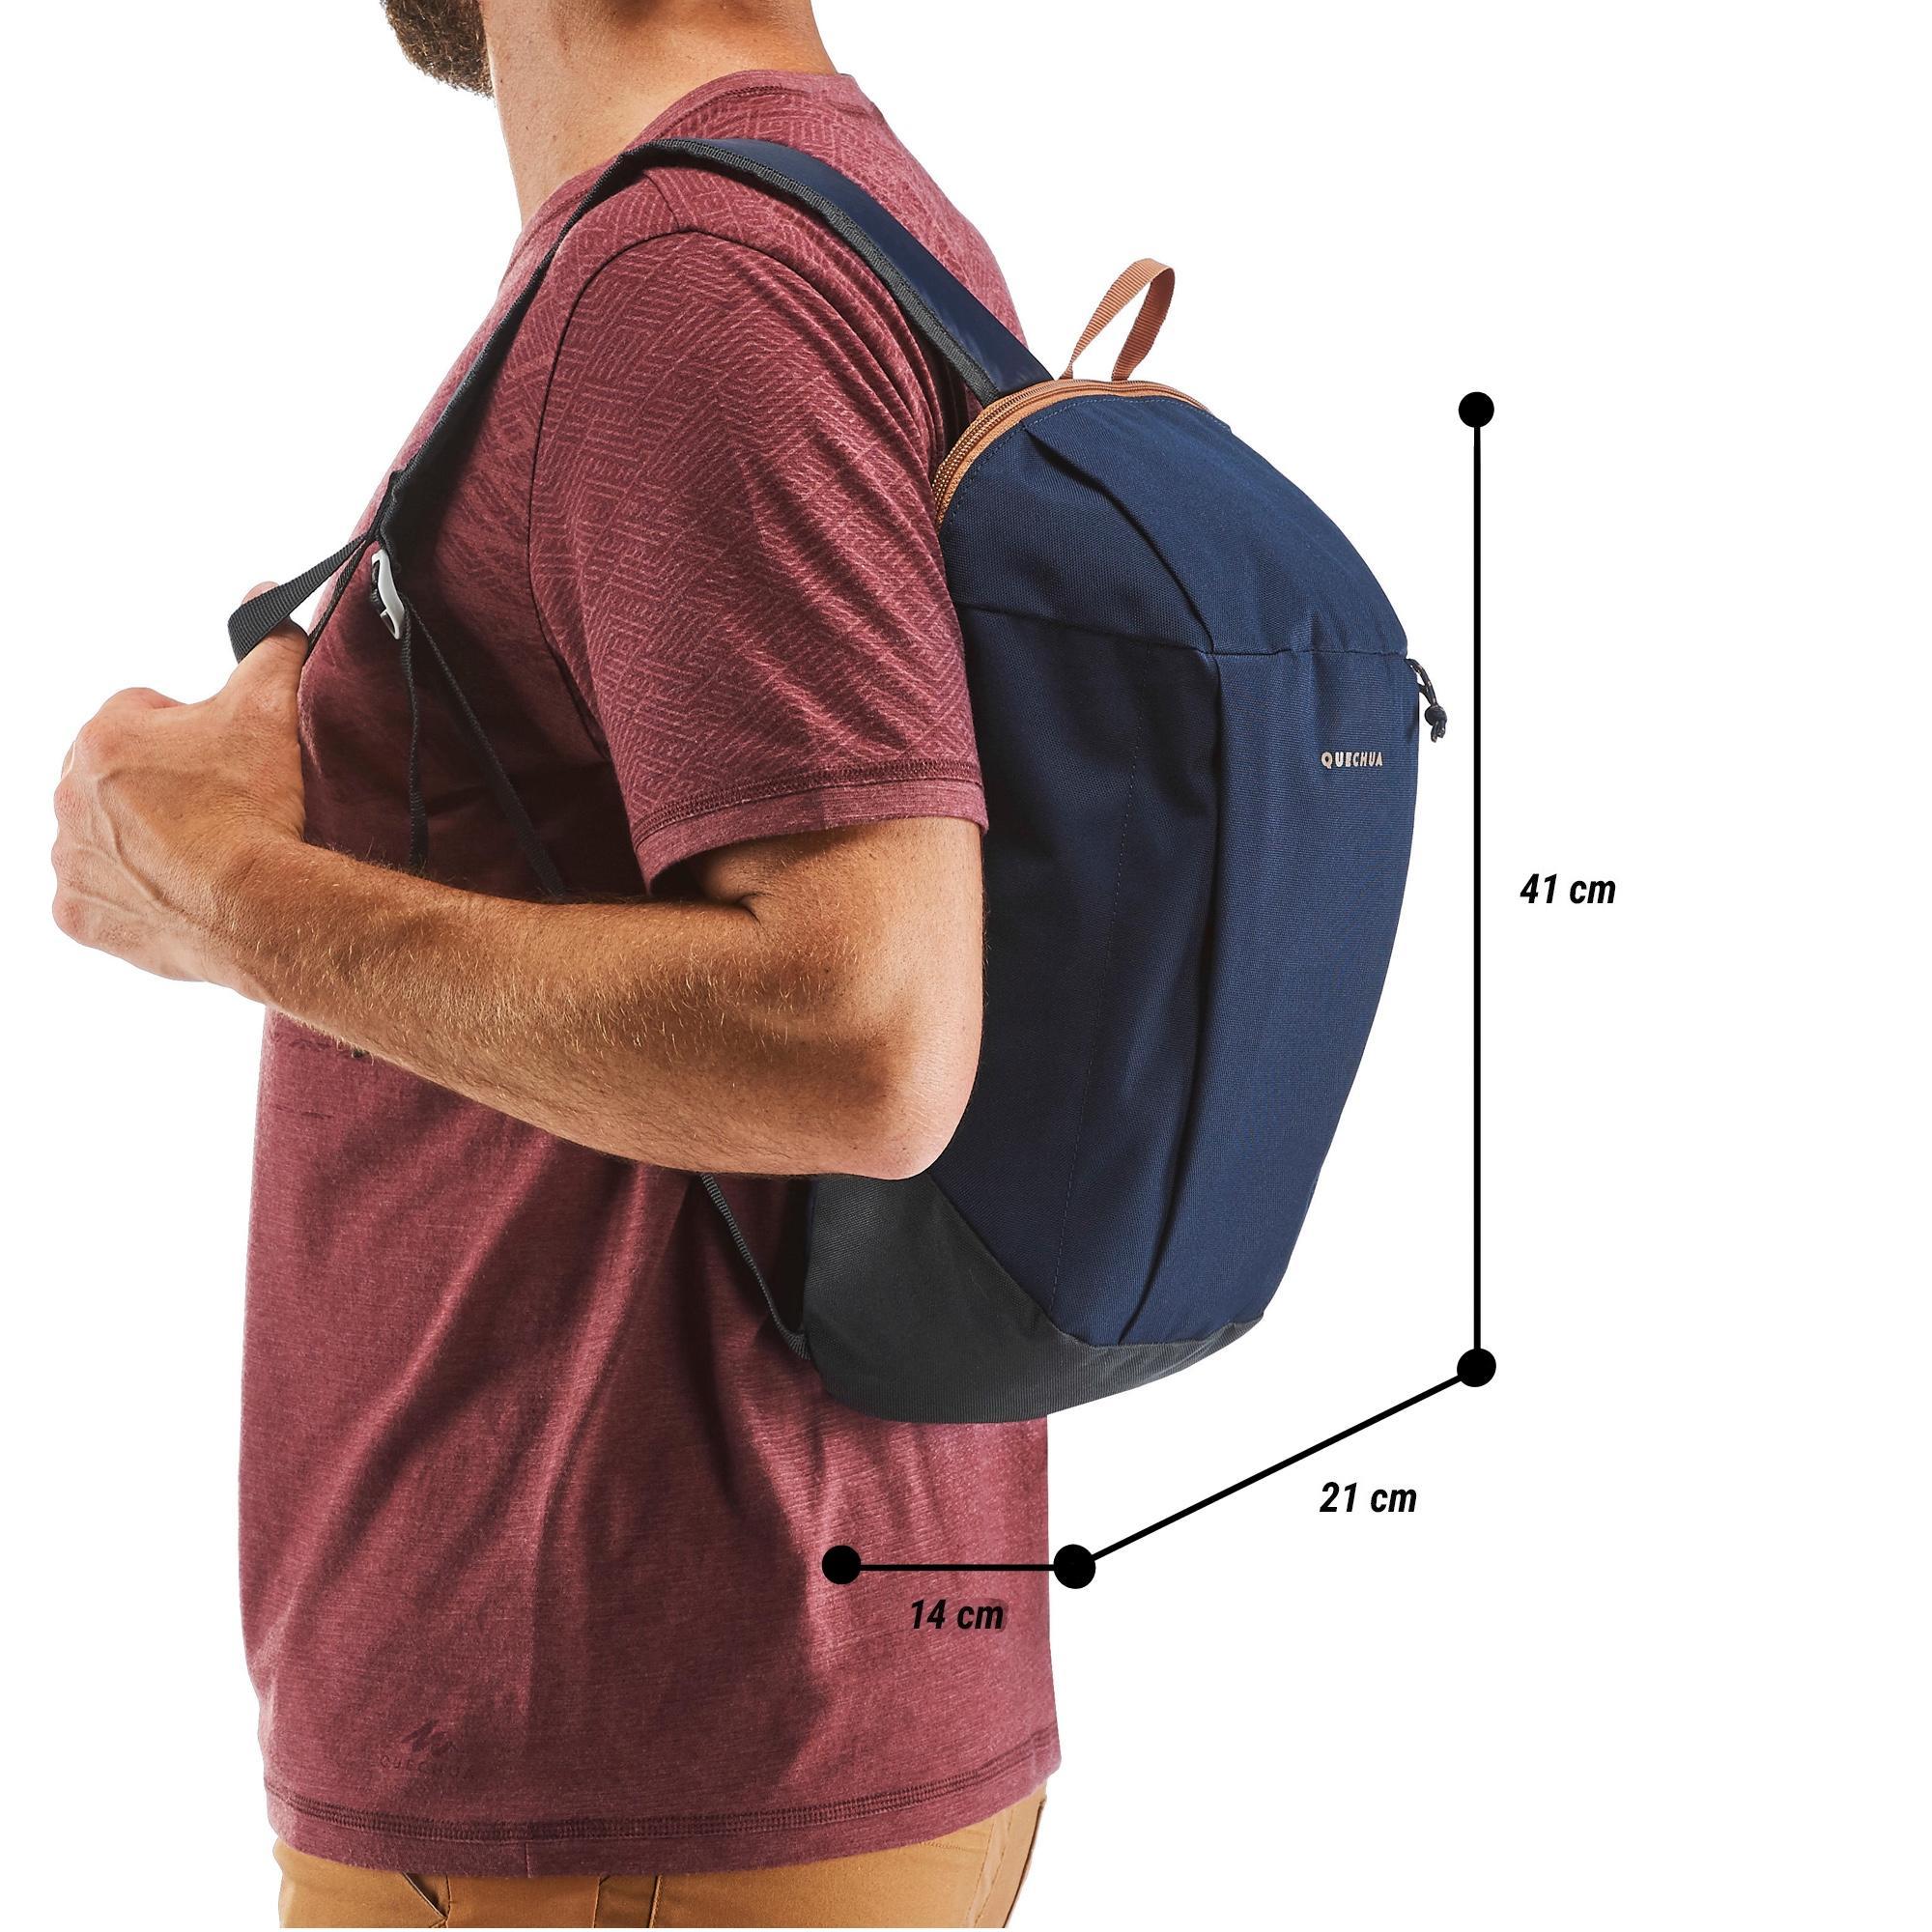 HIKING Backpack 10L NH100 - Blue